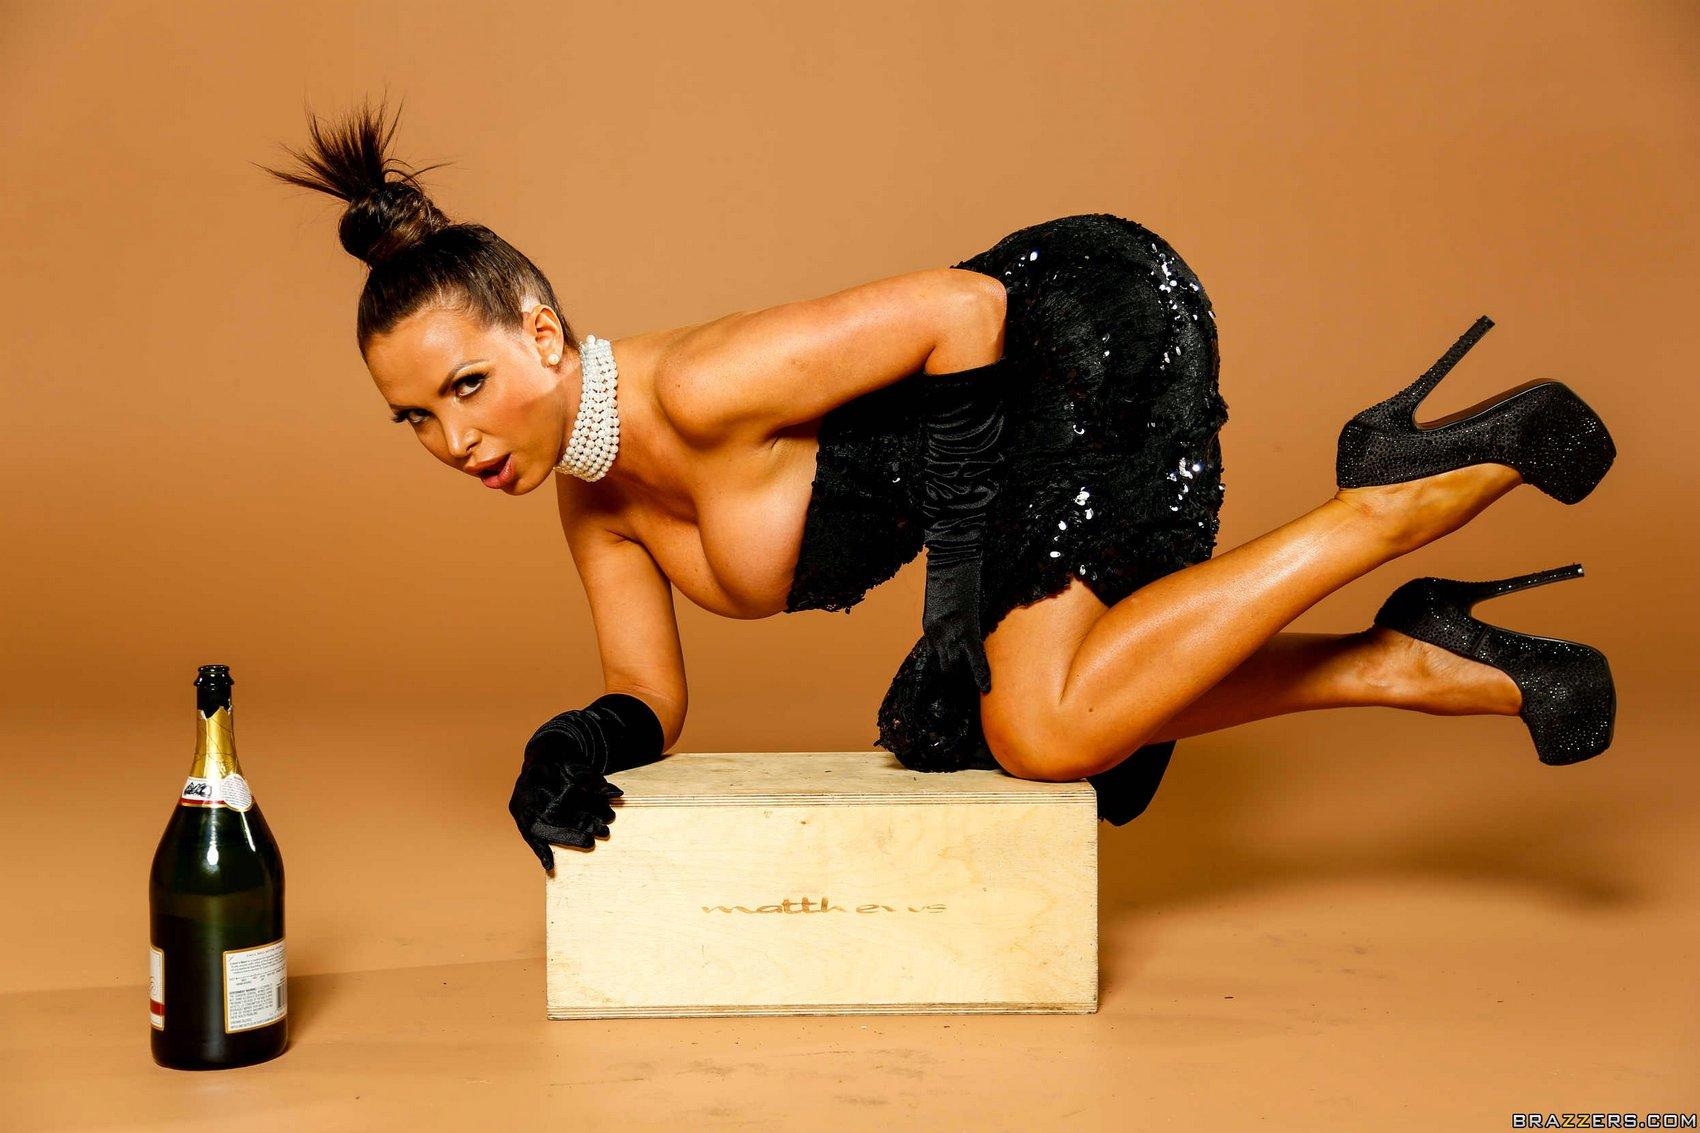 Nikki benz como kim kardashian